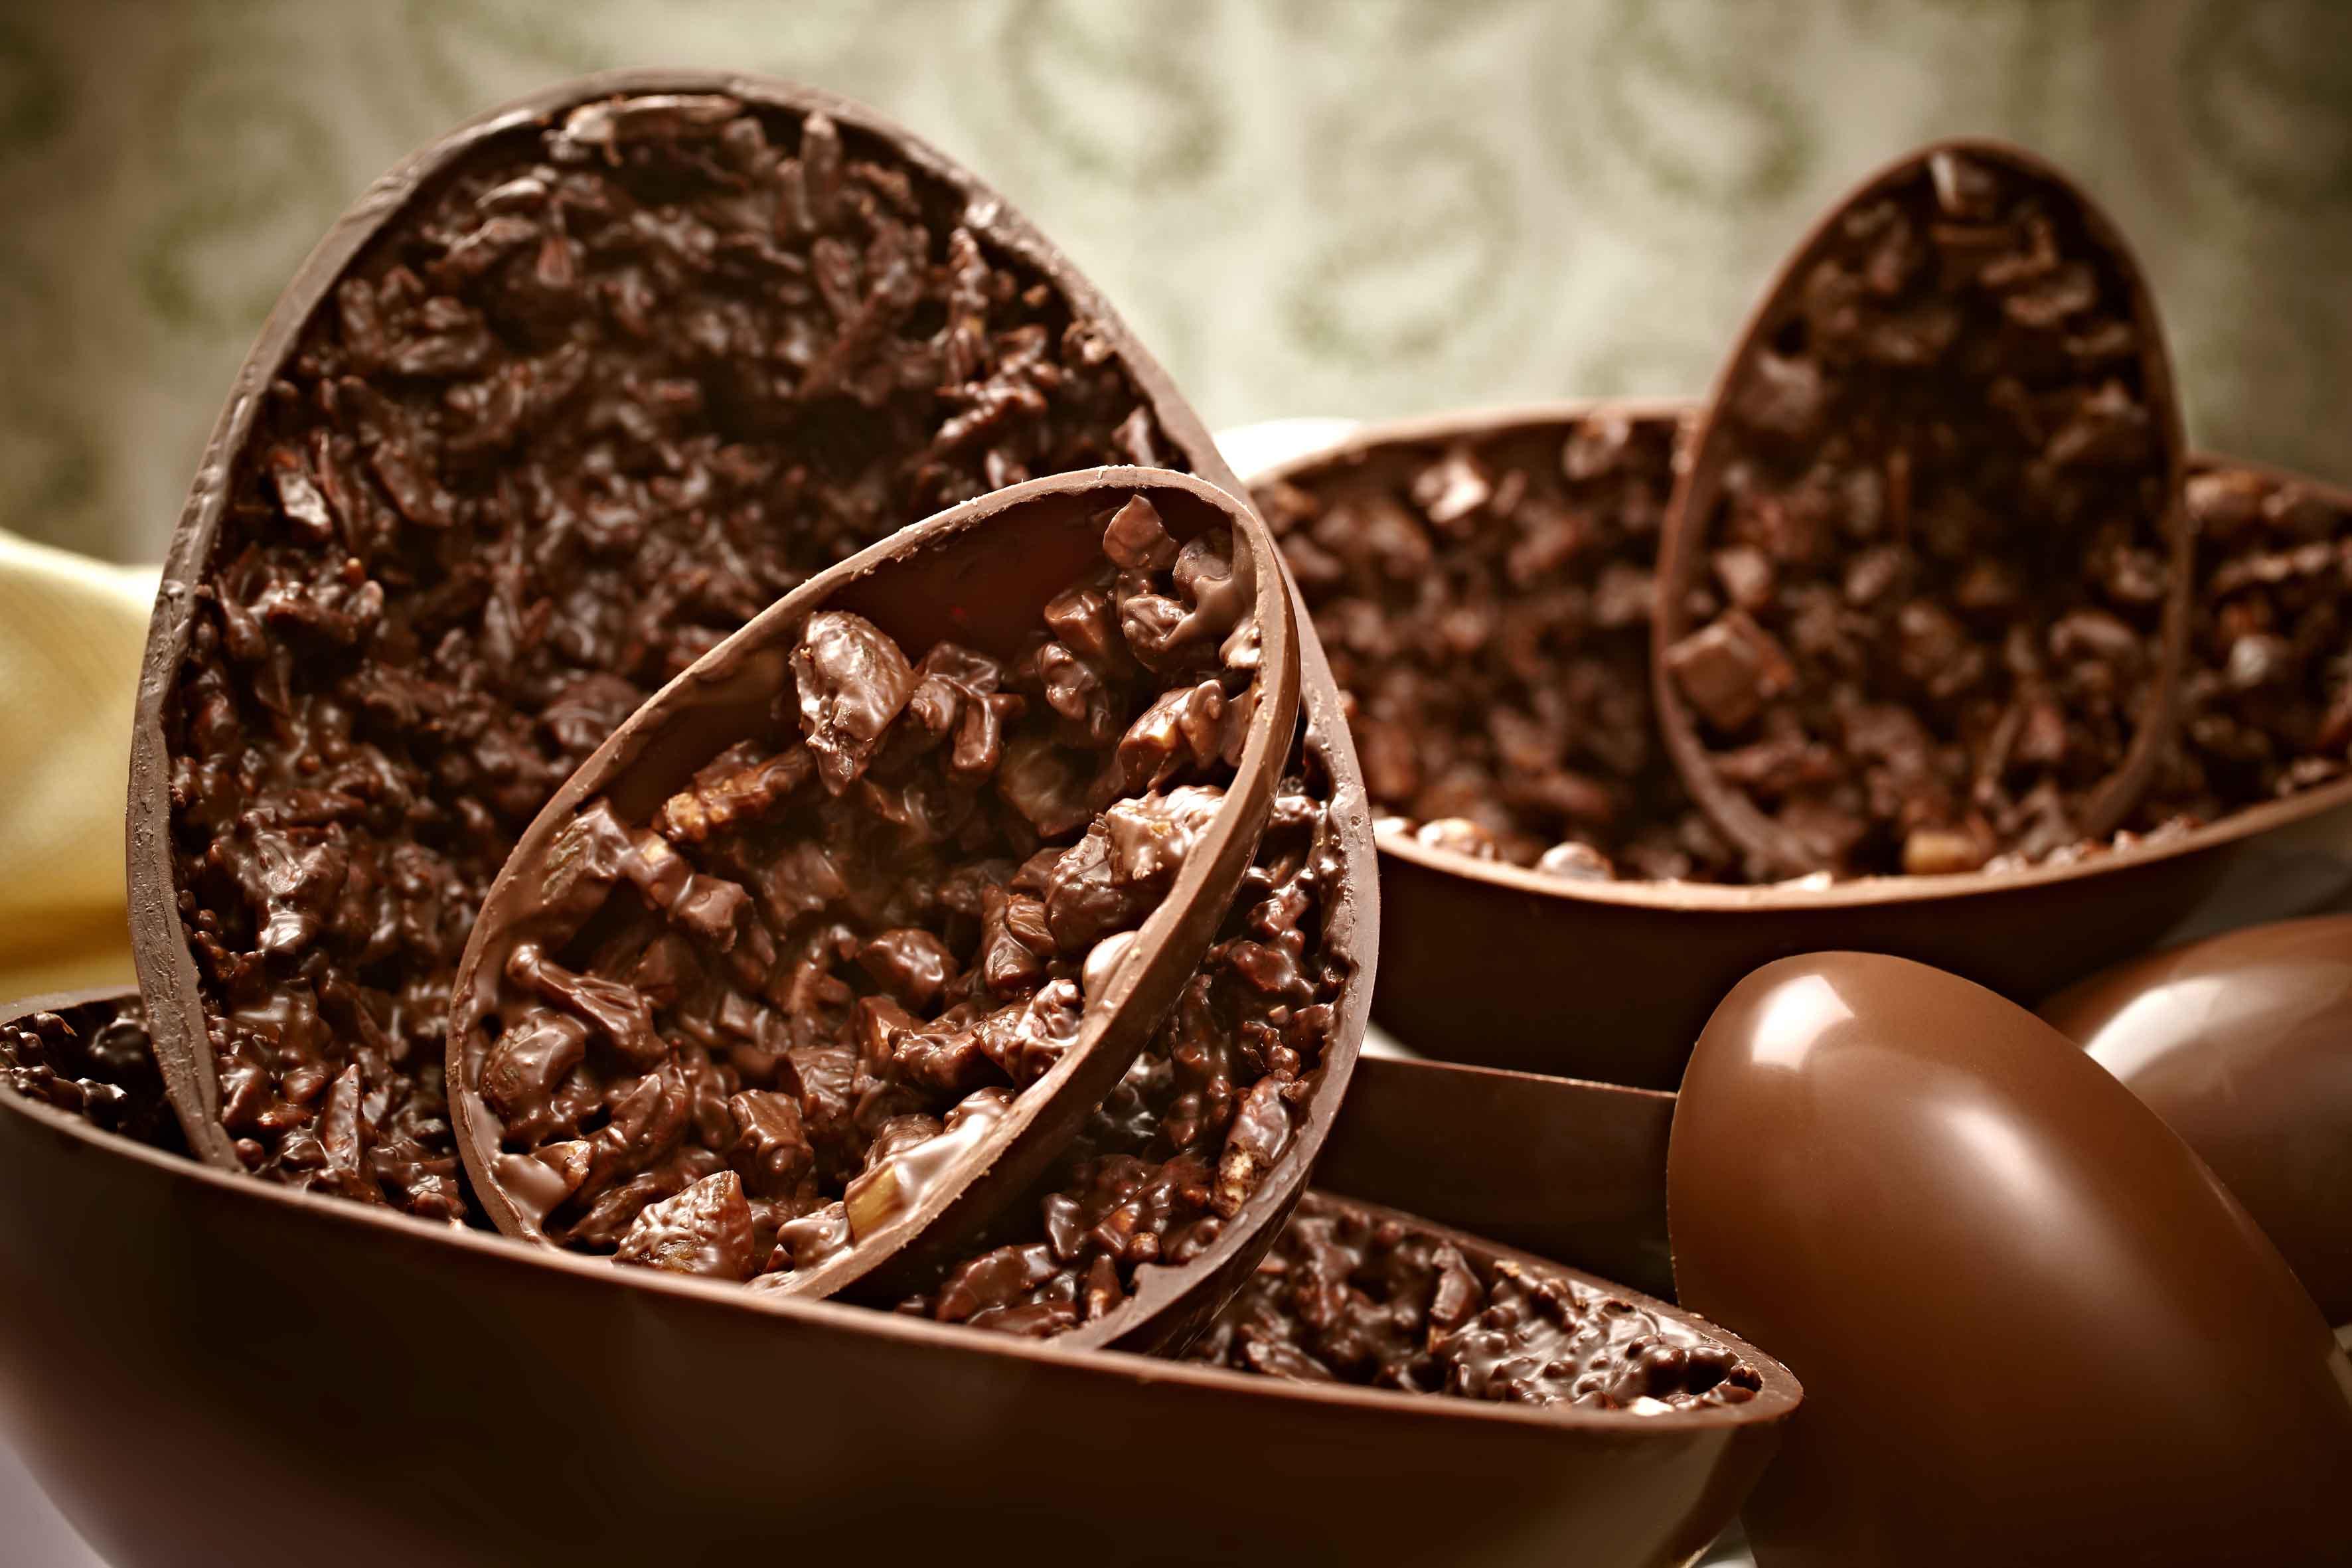 Páscoa: chocolate amargo, ao leite ou branco?